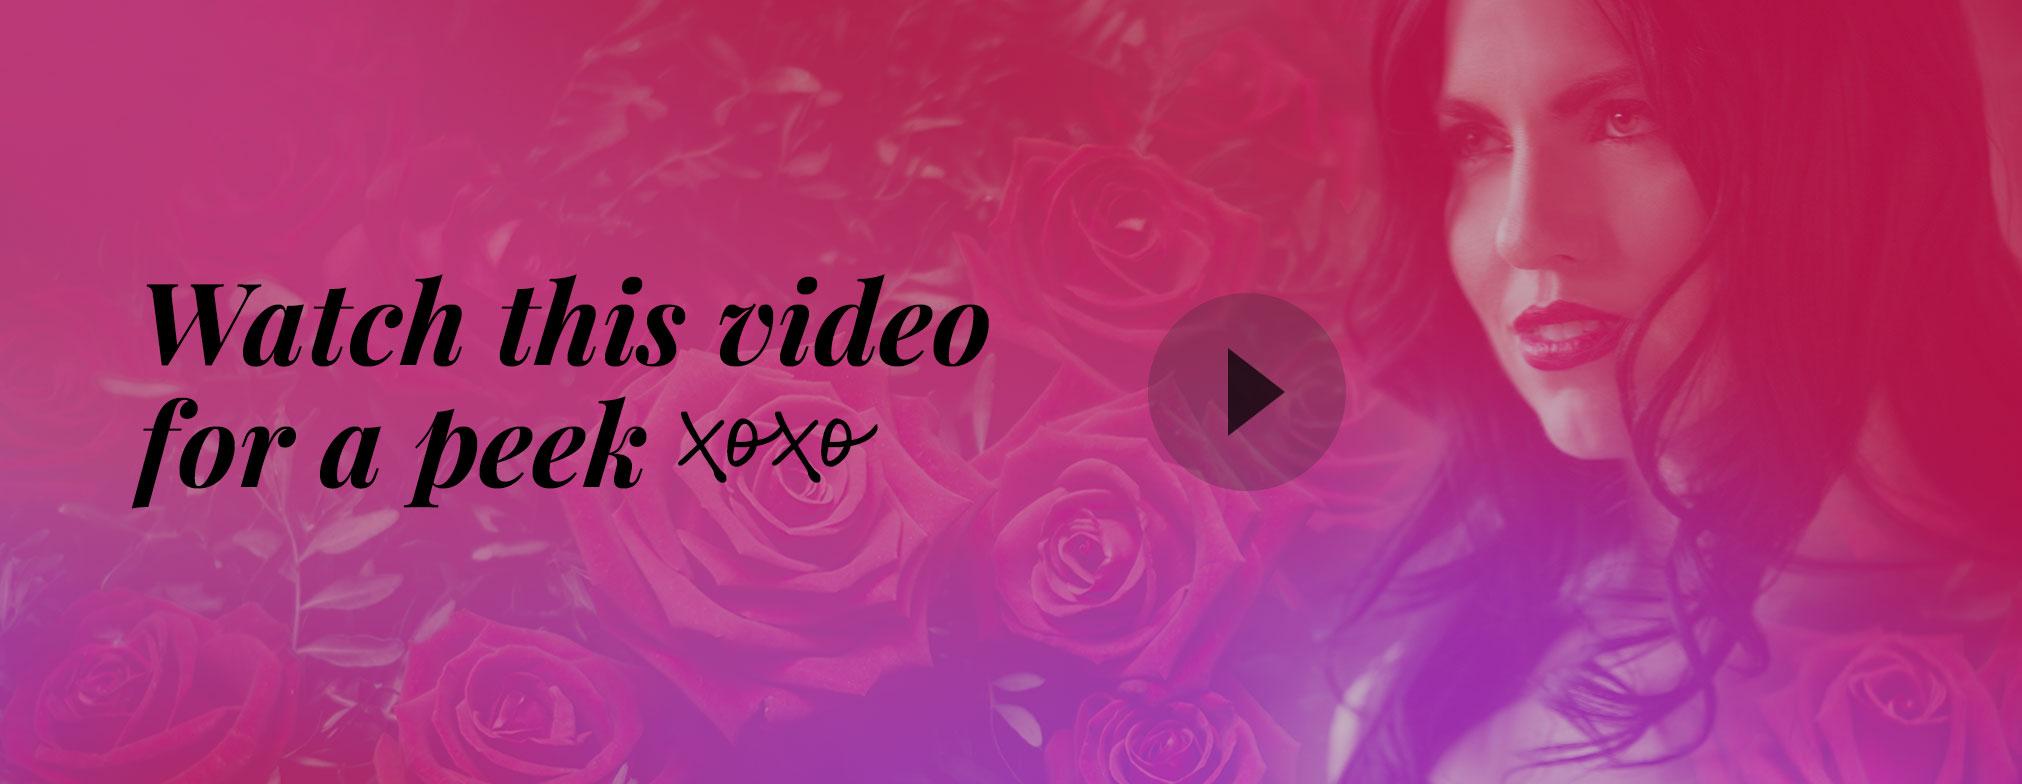 Sneak-Peek-video-banner.jpg